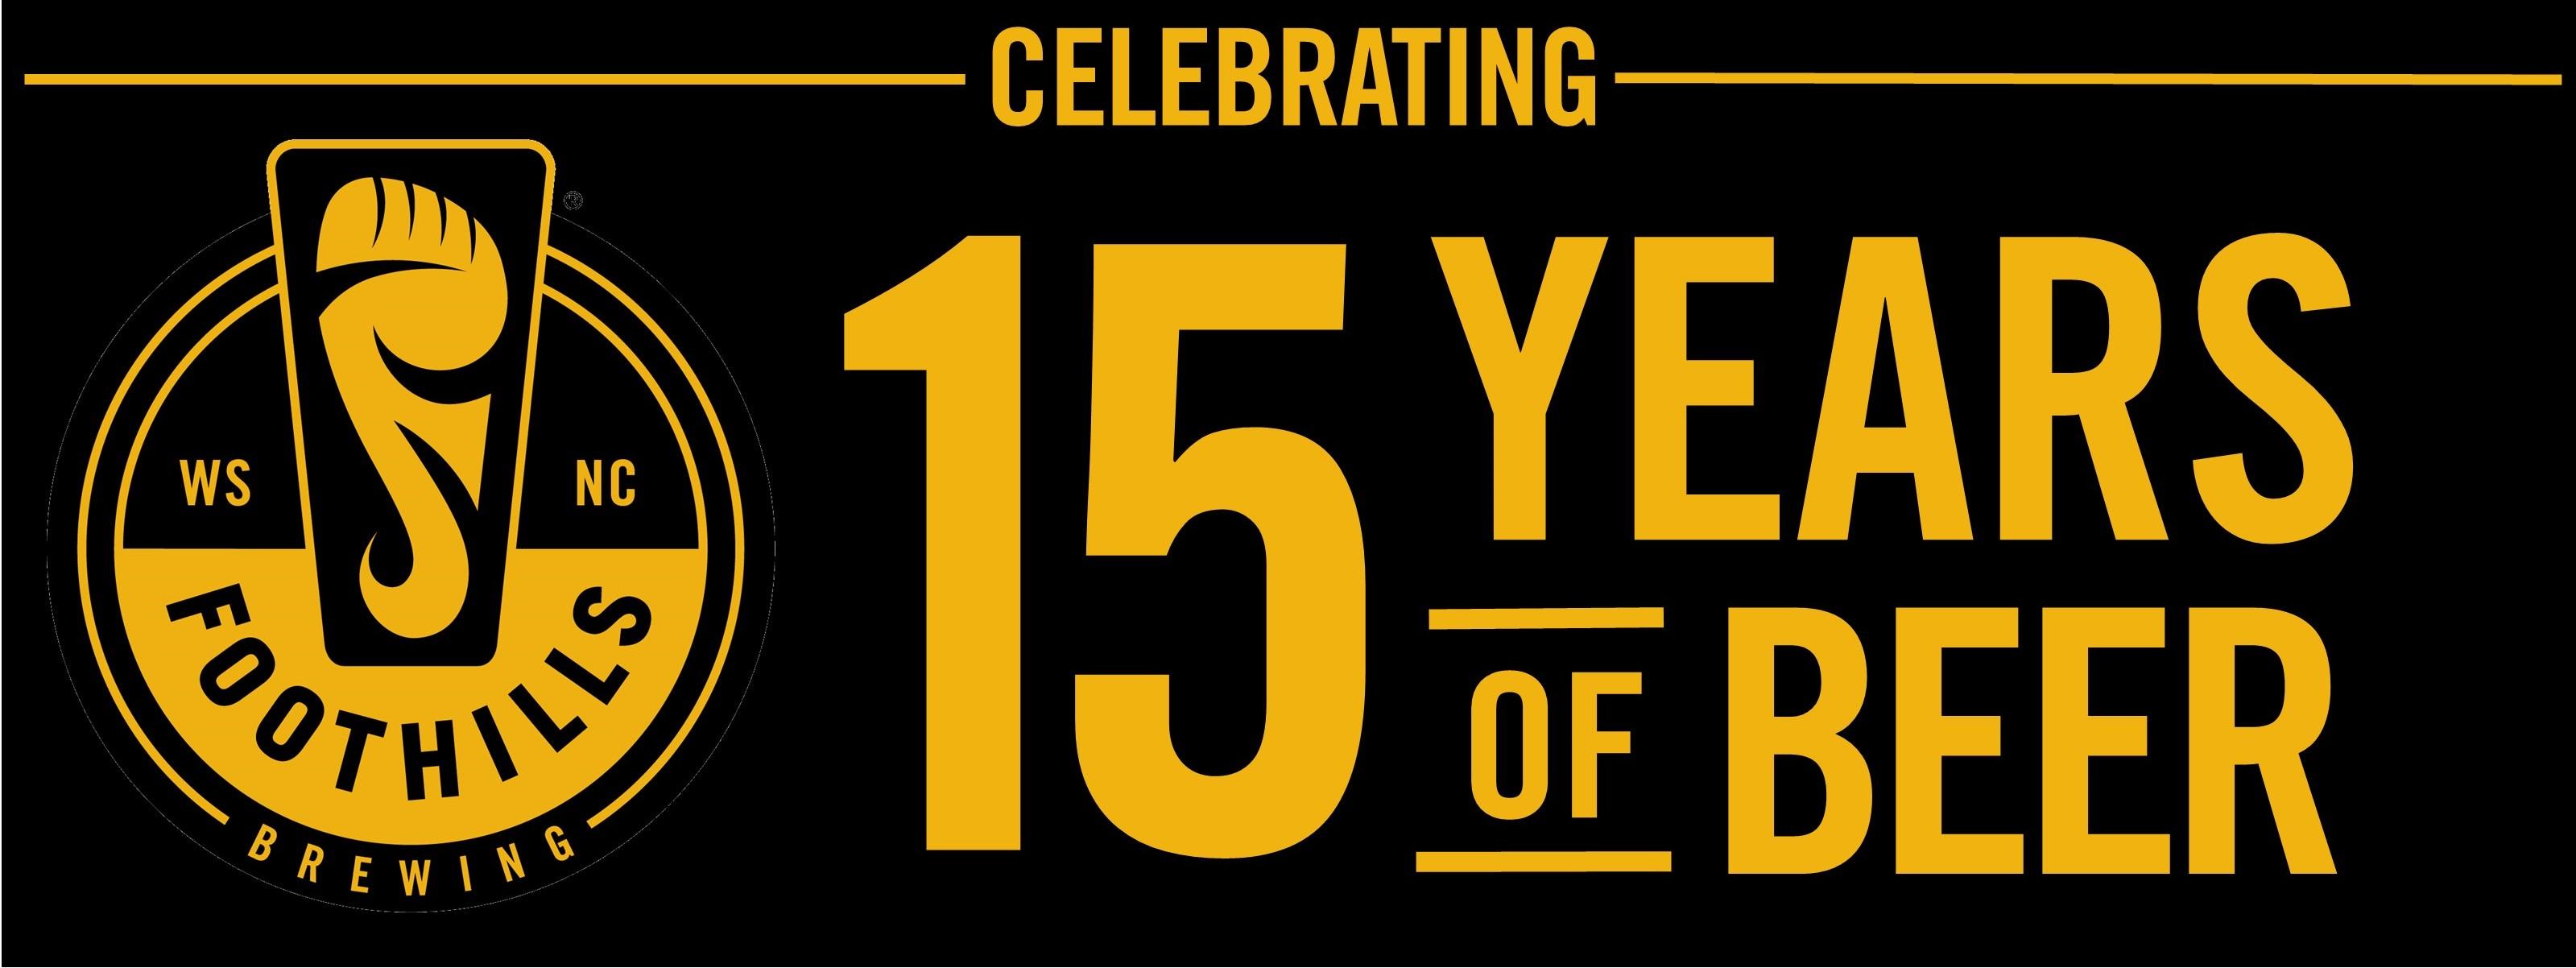 15 year banner (2)